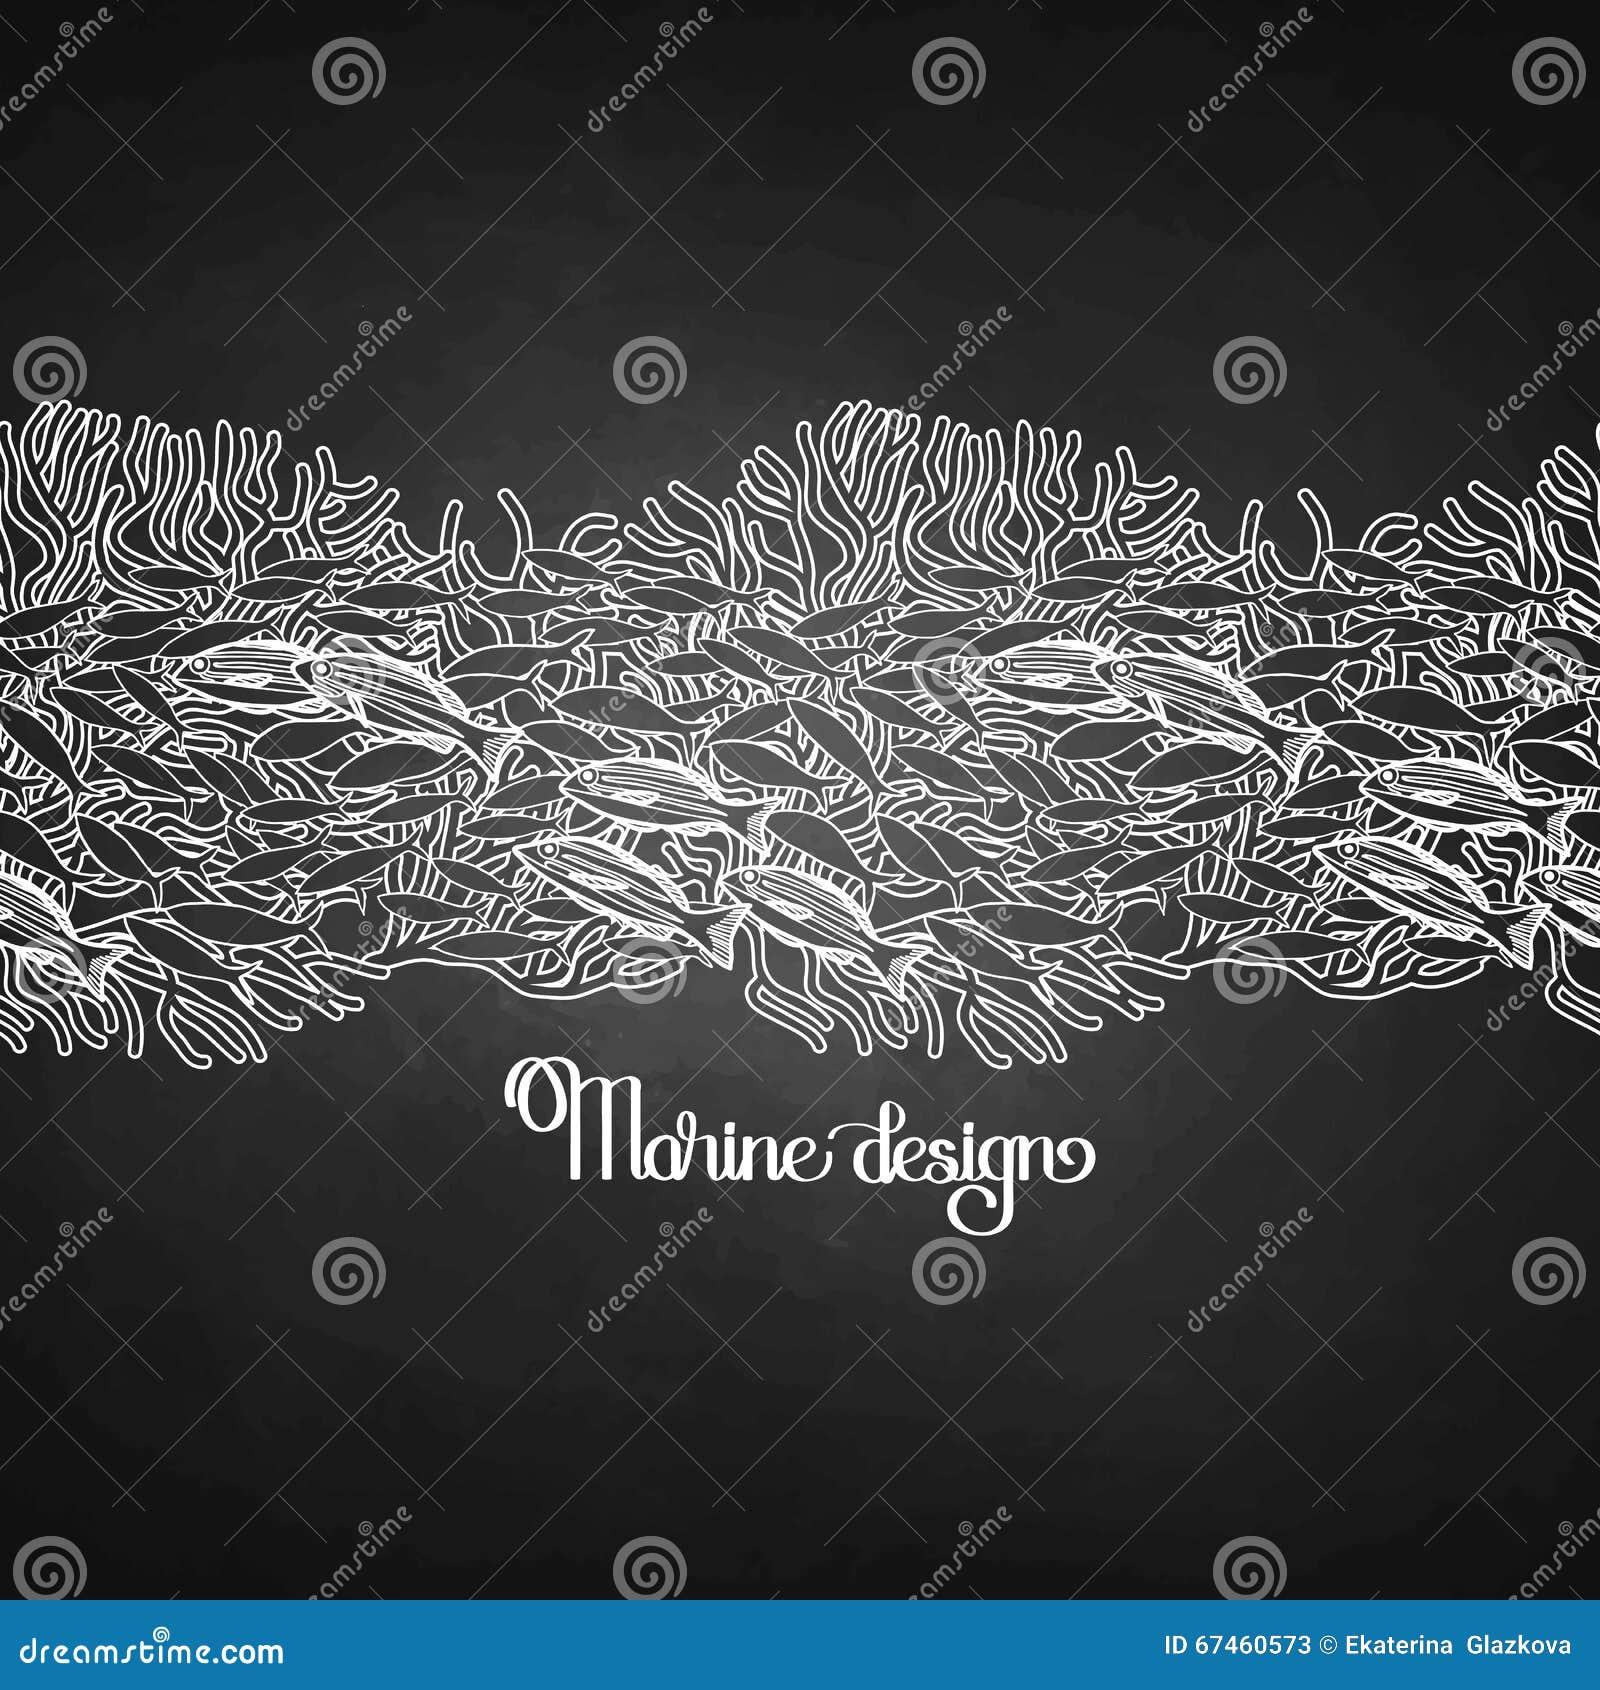 Graphic Line Design Art : Ocean line art design stock vector image of